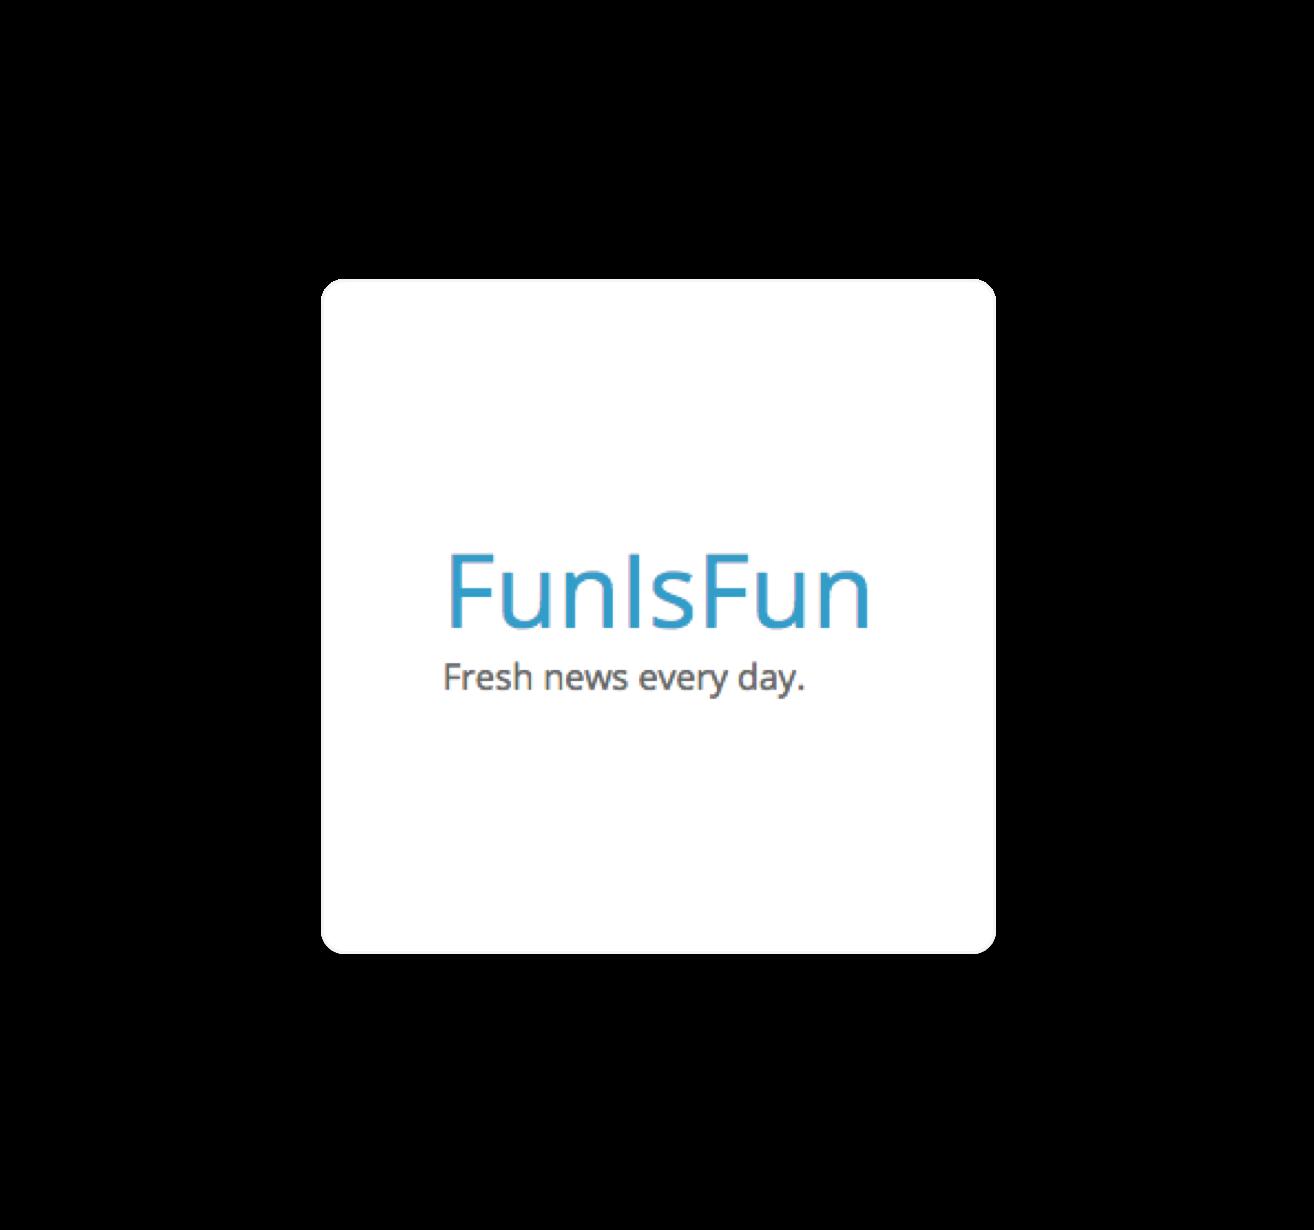 fun is fun@3x.png